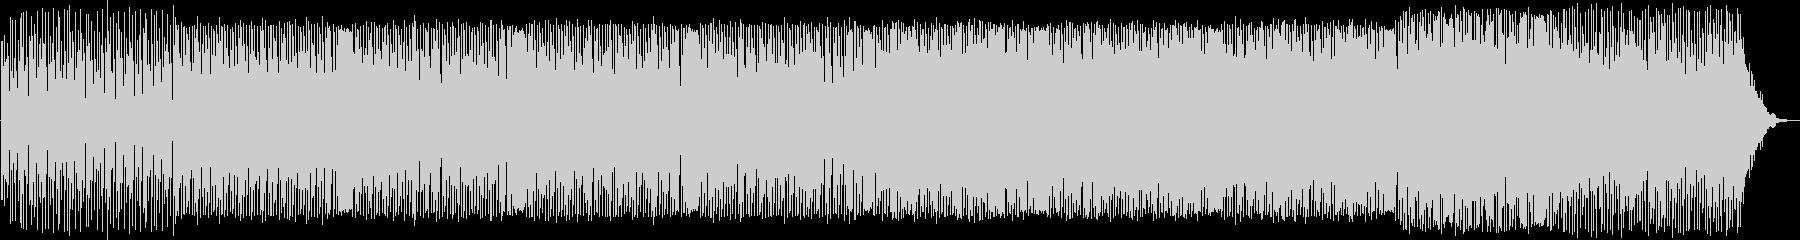 幻想的なシンセサウンドが特徴のテクノの未再生の波形